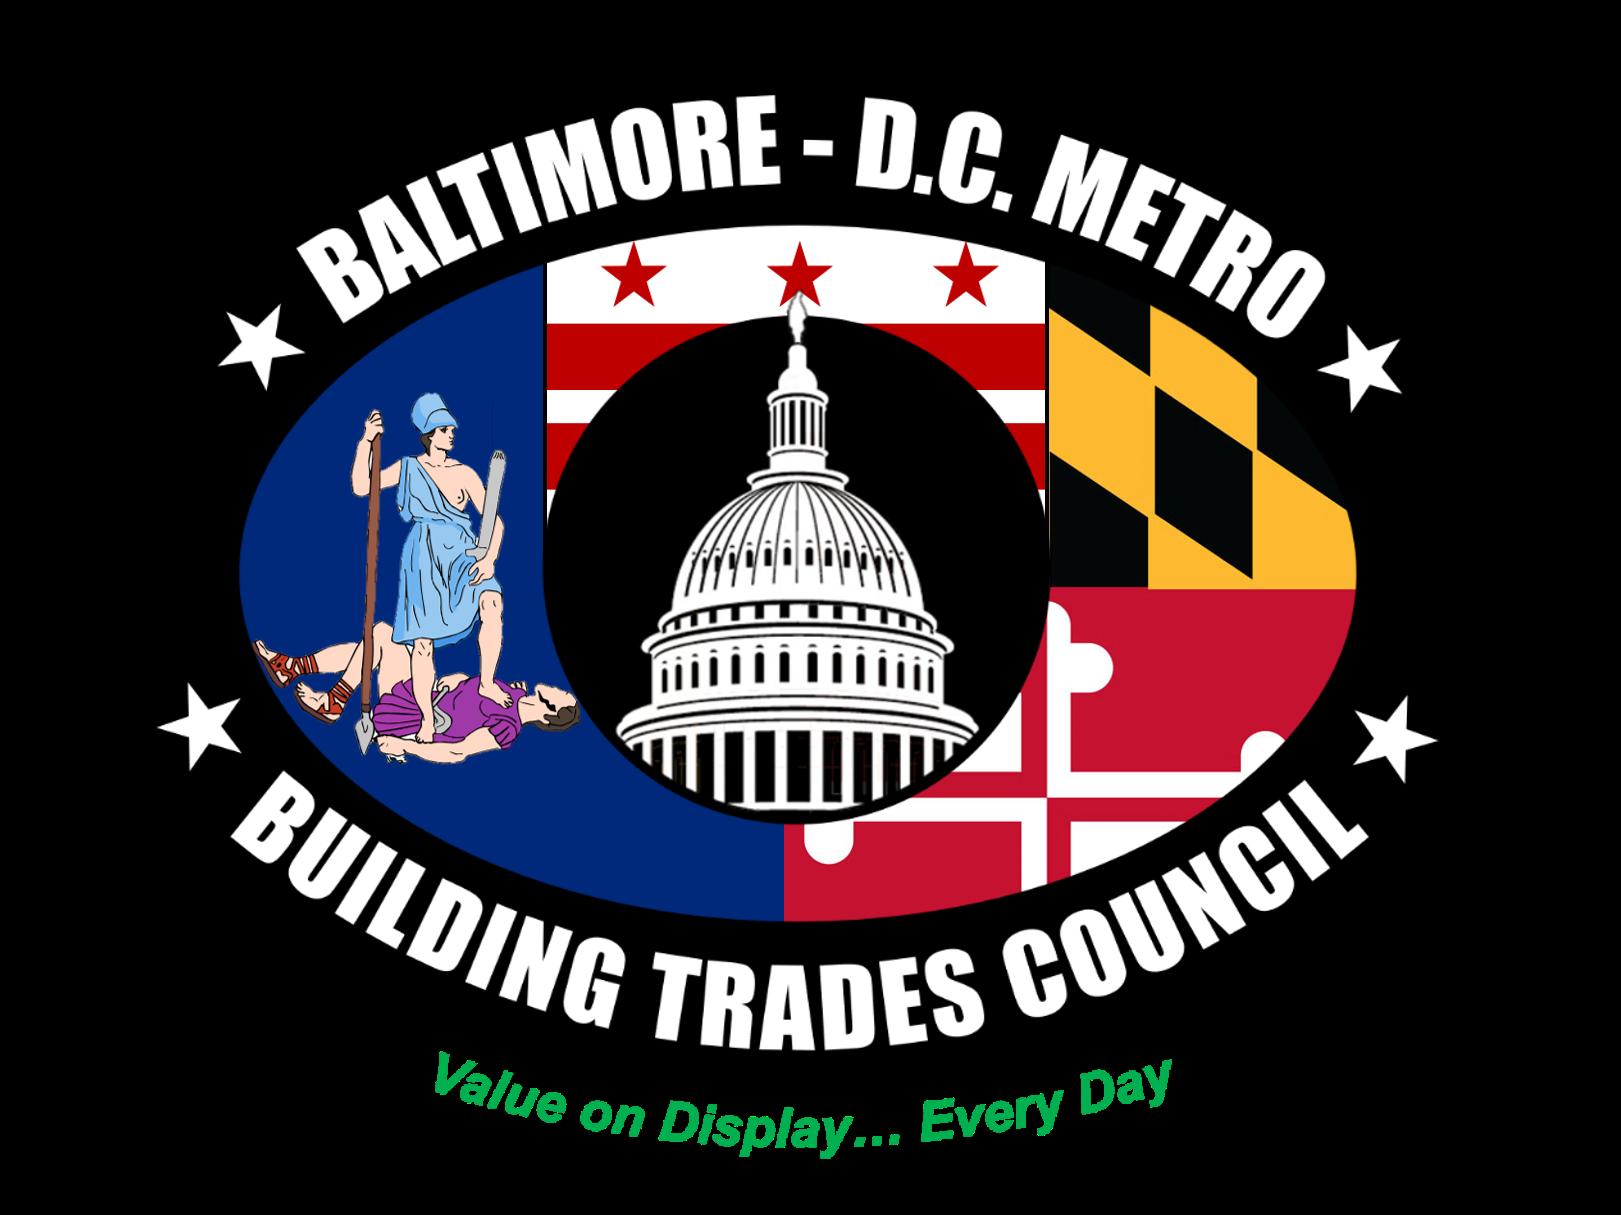 Baltimore-DC Metro  Building and Construction Trades Council